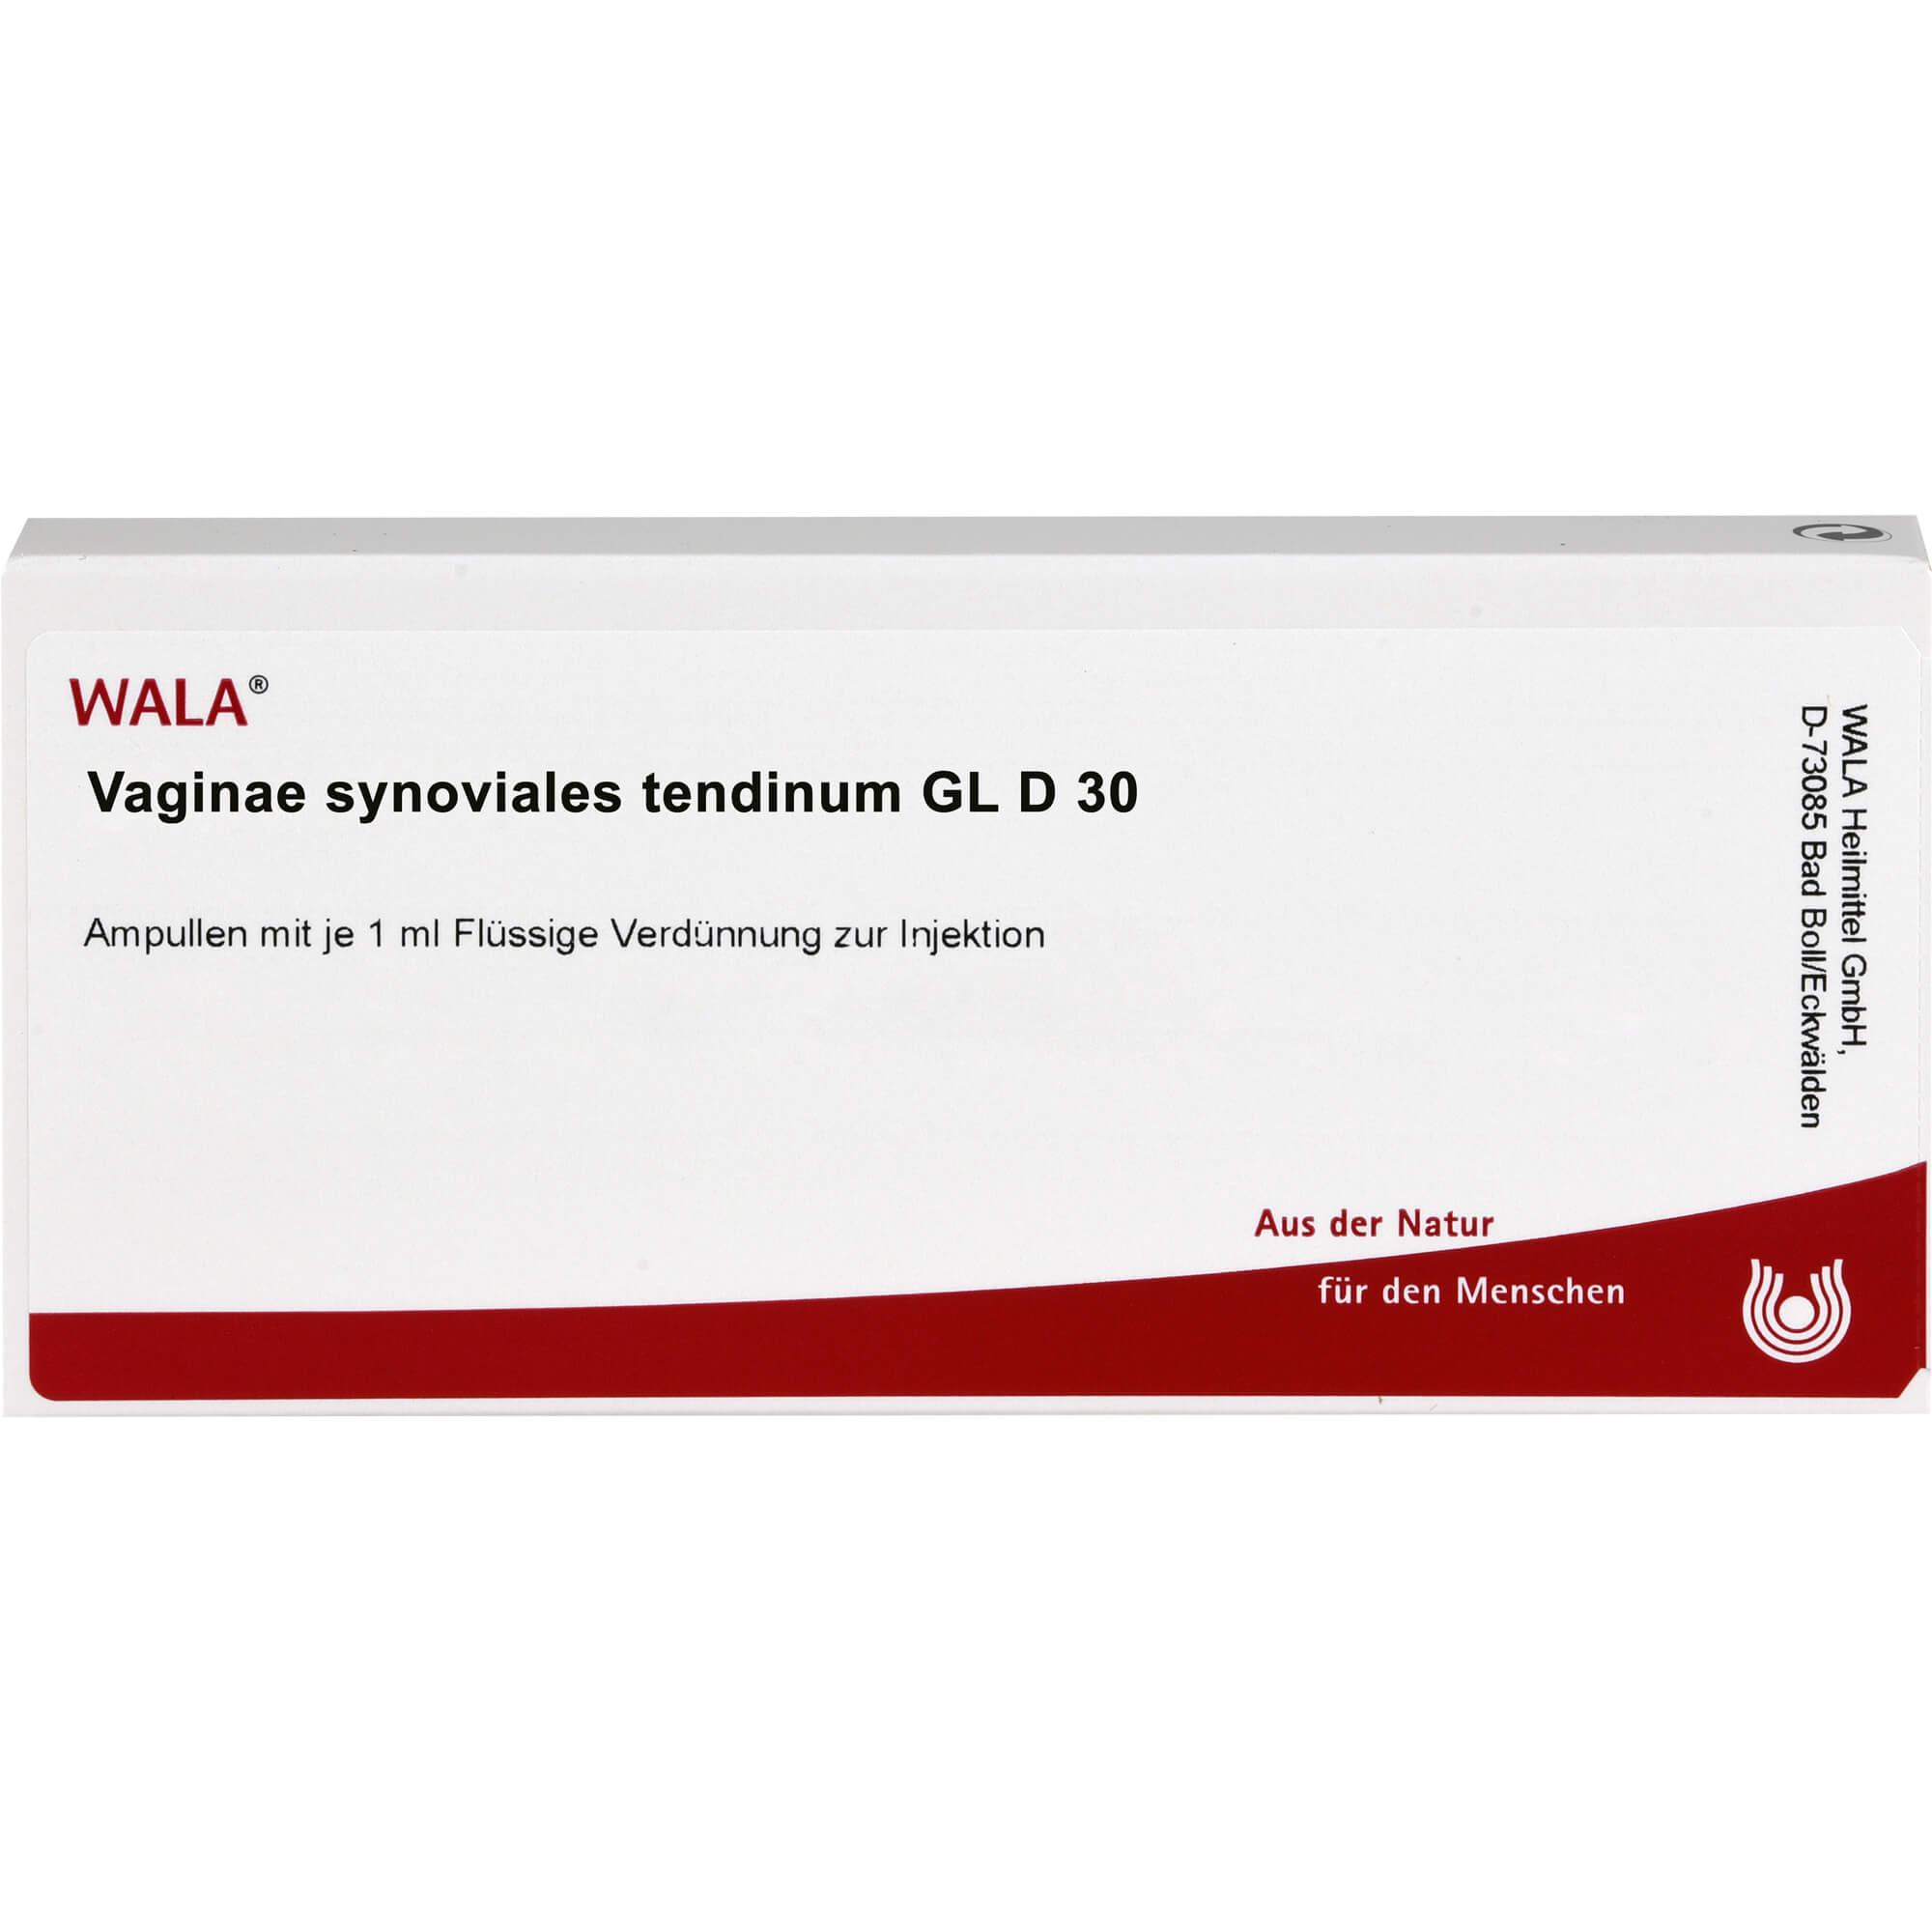 VAGINAE synoviales tendinum GL D 30 Ampullen